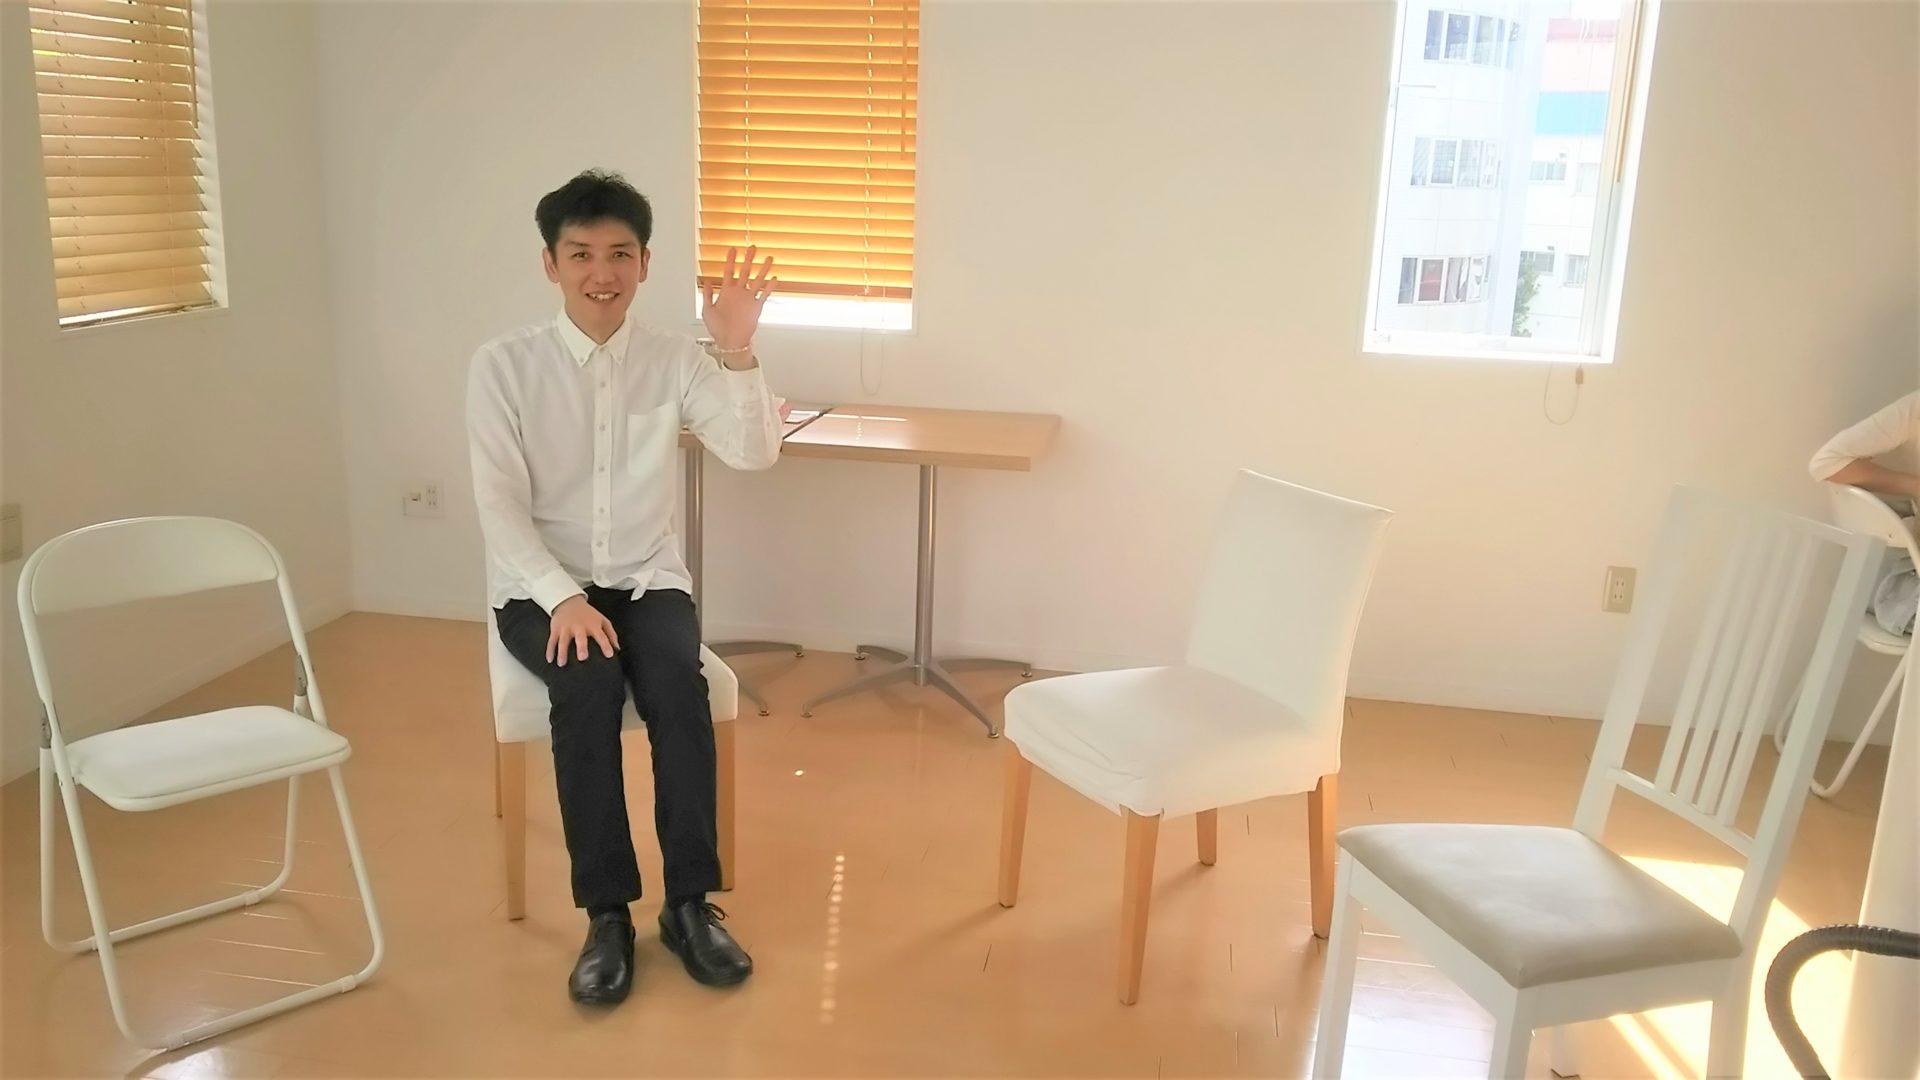 チャネラー・ヒーラー・スピリチュアルカウンセラーのTomokatsuによるグループセッション